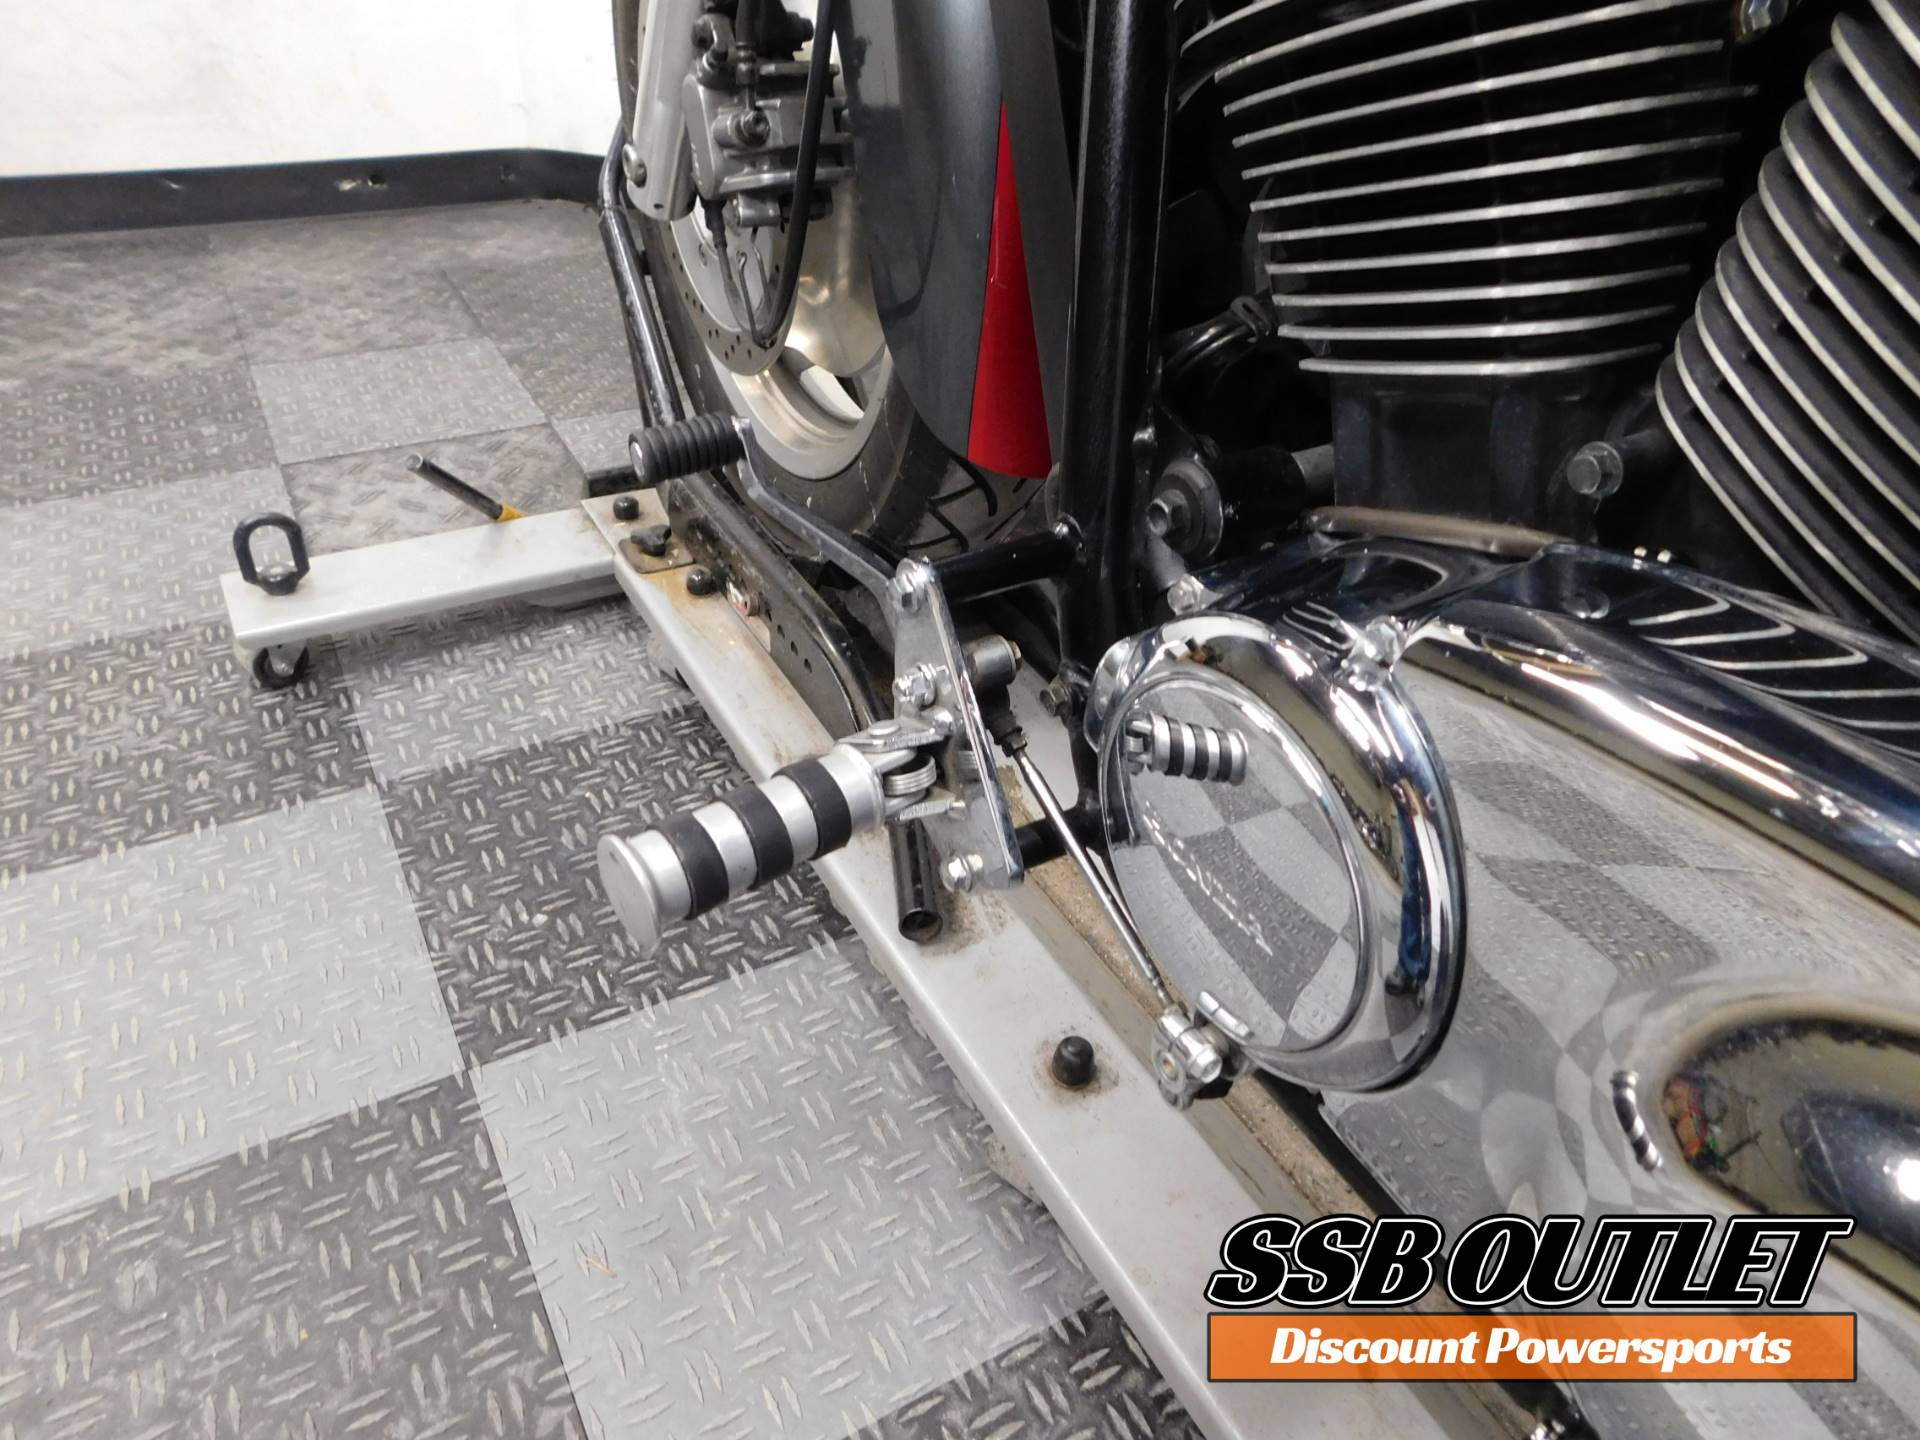 2006 Honda Shadow Spirit 8